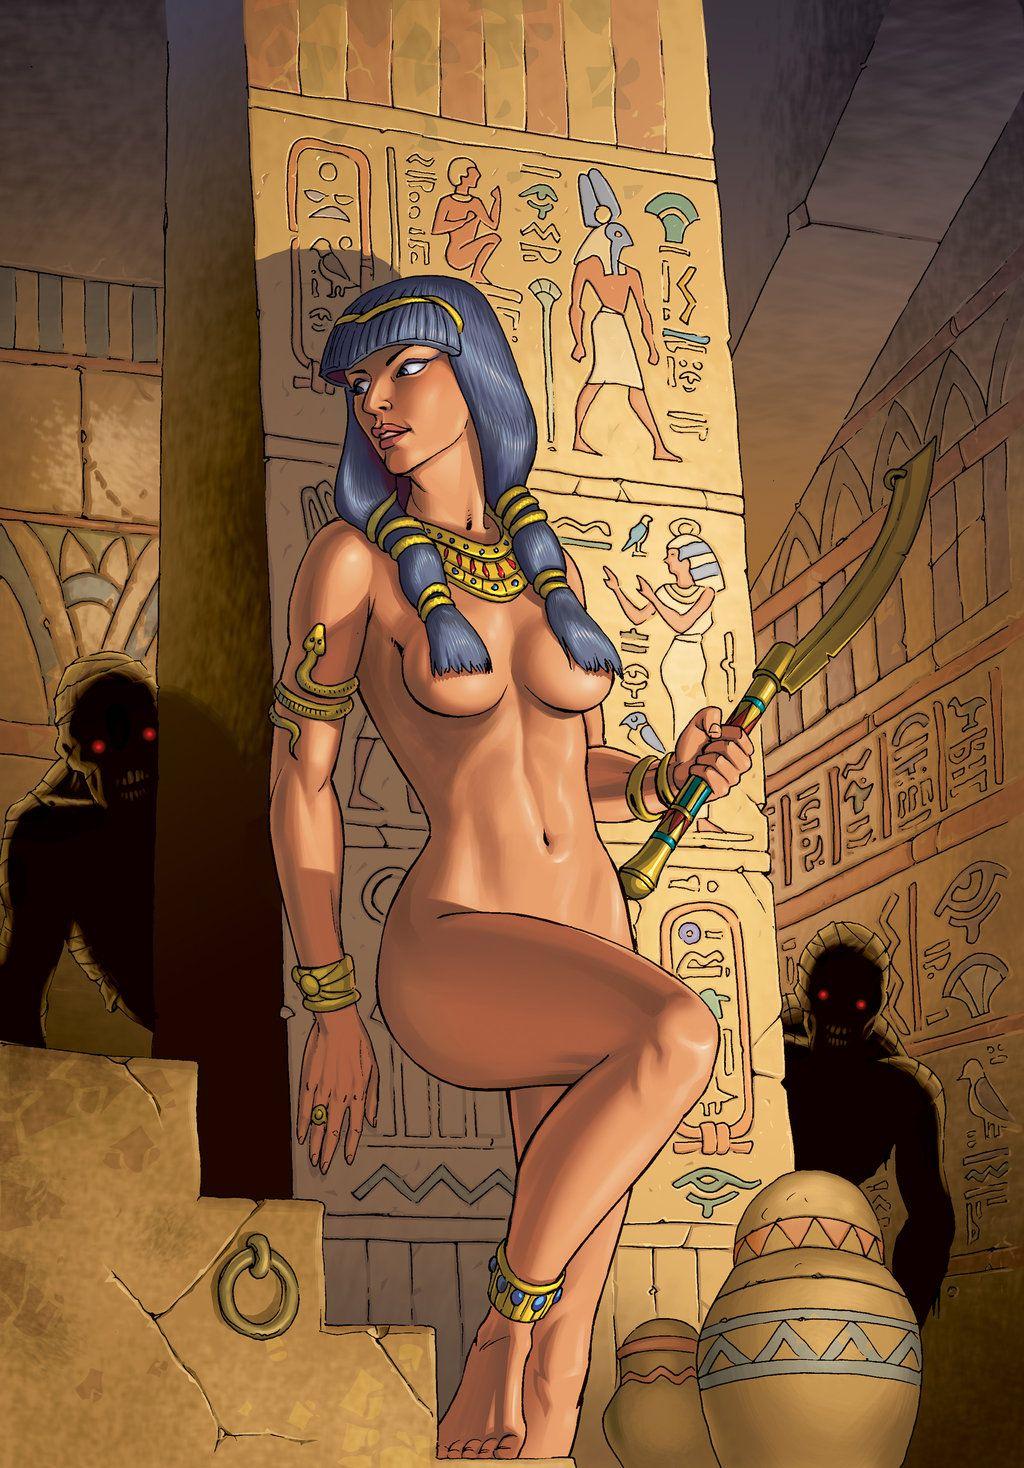 обнаженная женщина в костюме нефертити проснулся поймет